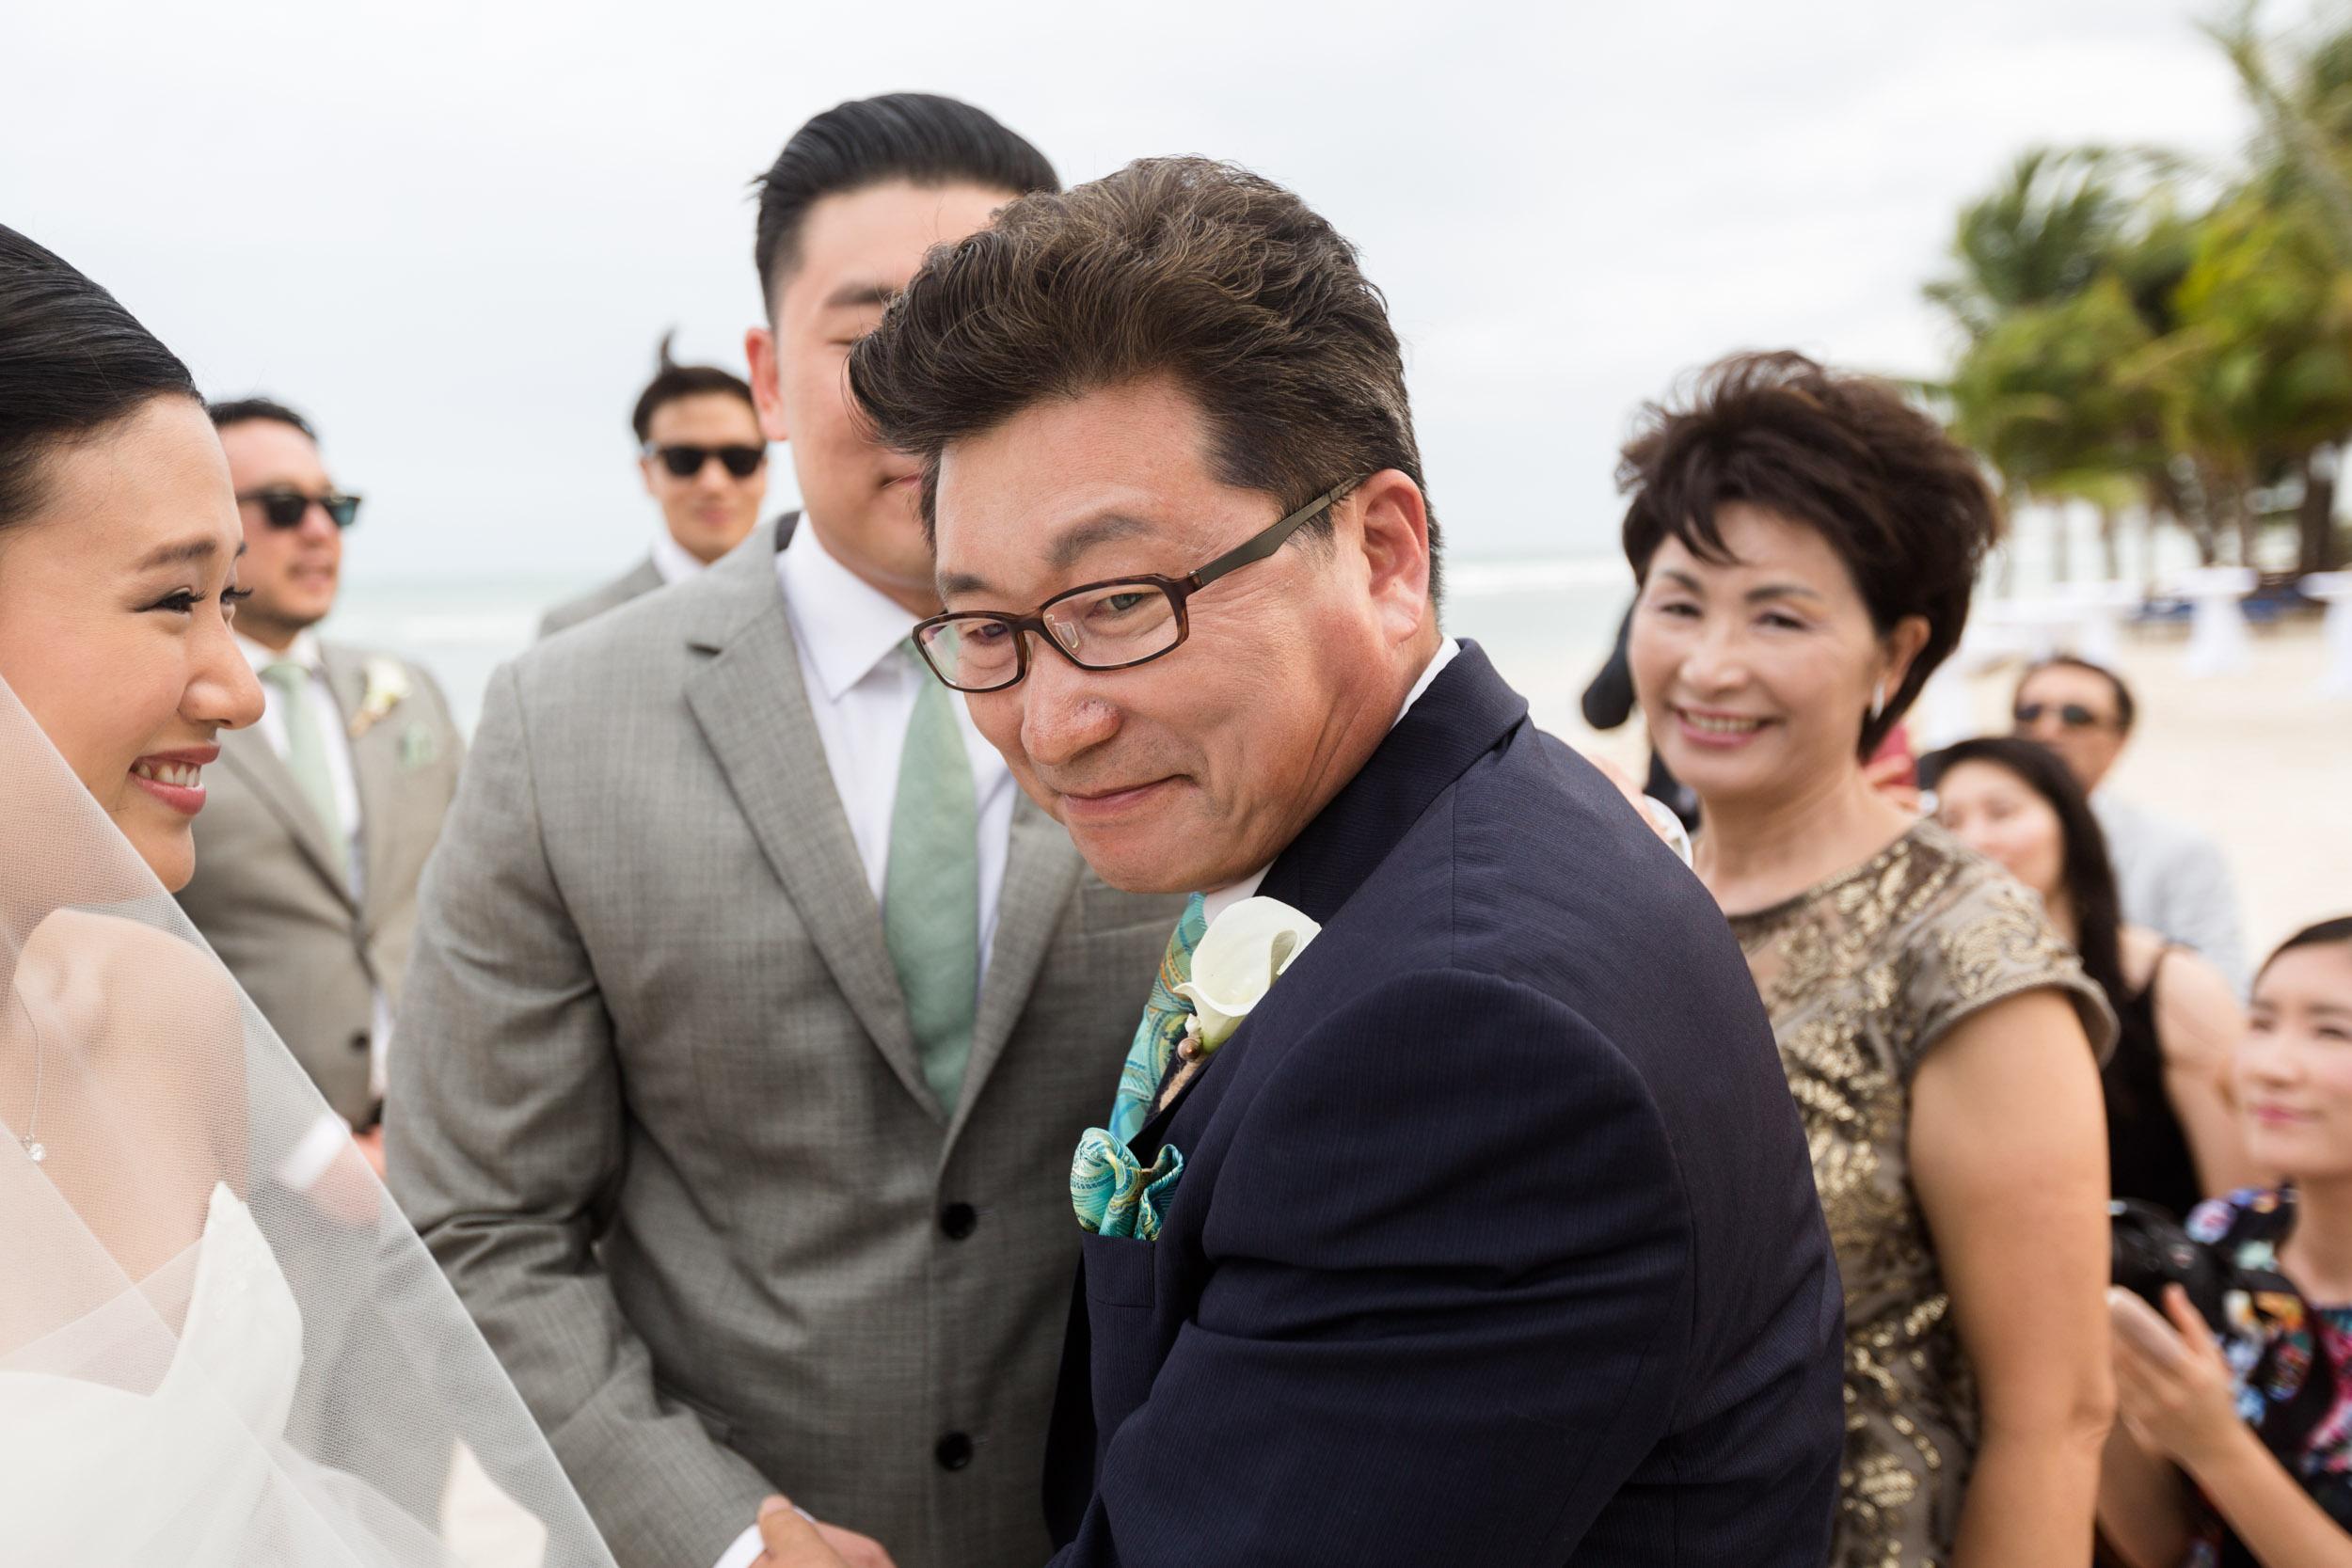 hannah-solomon-wedding-0019.jpg